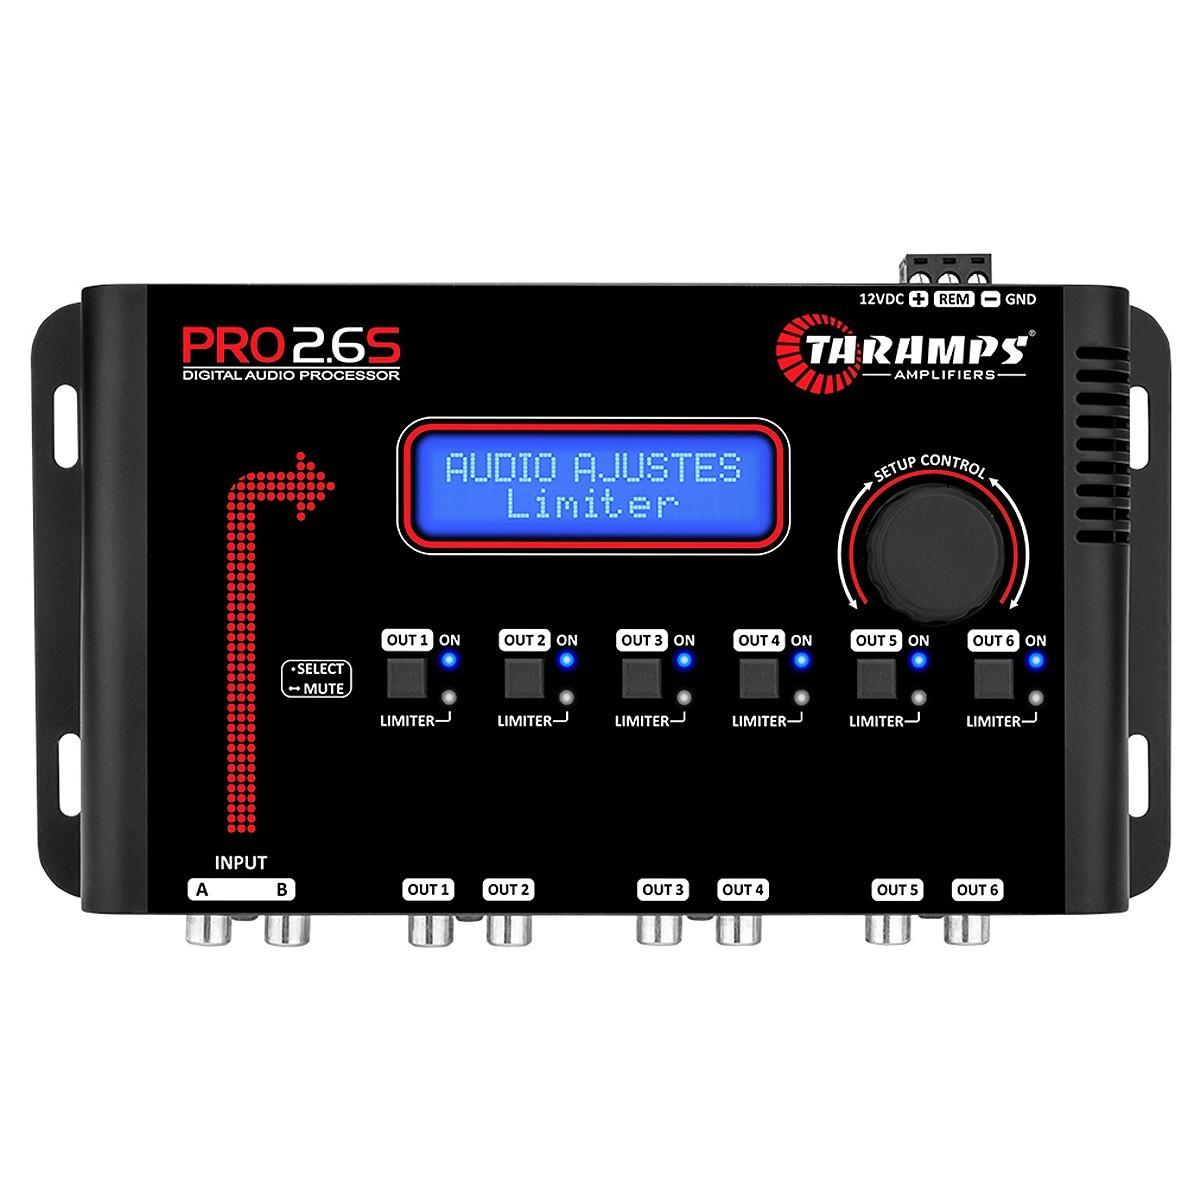 Processador de Áudio Digital Taramps Pro 2.6S 6 Saídas